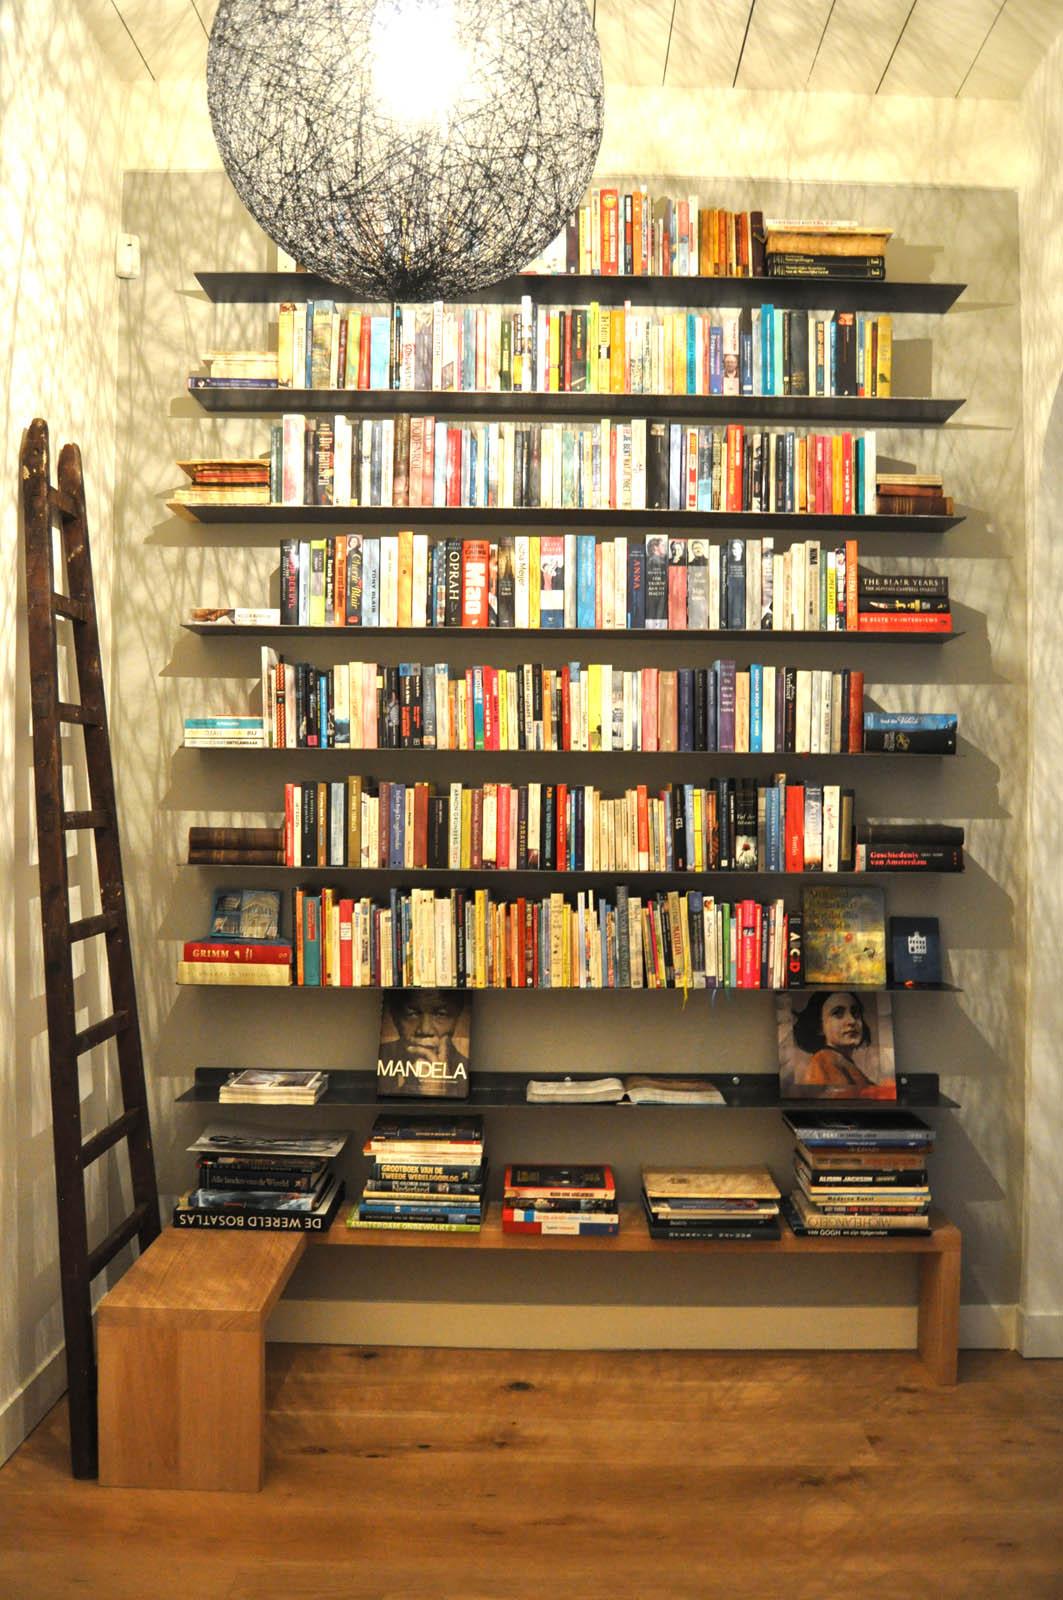 Bookshelf, Mansion Abcoude, by Jeroen de Nijs